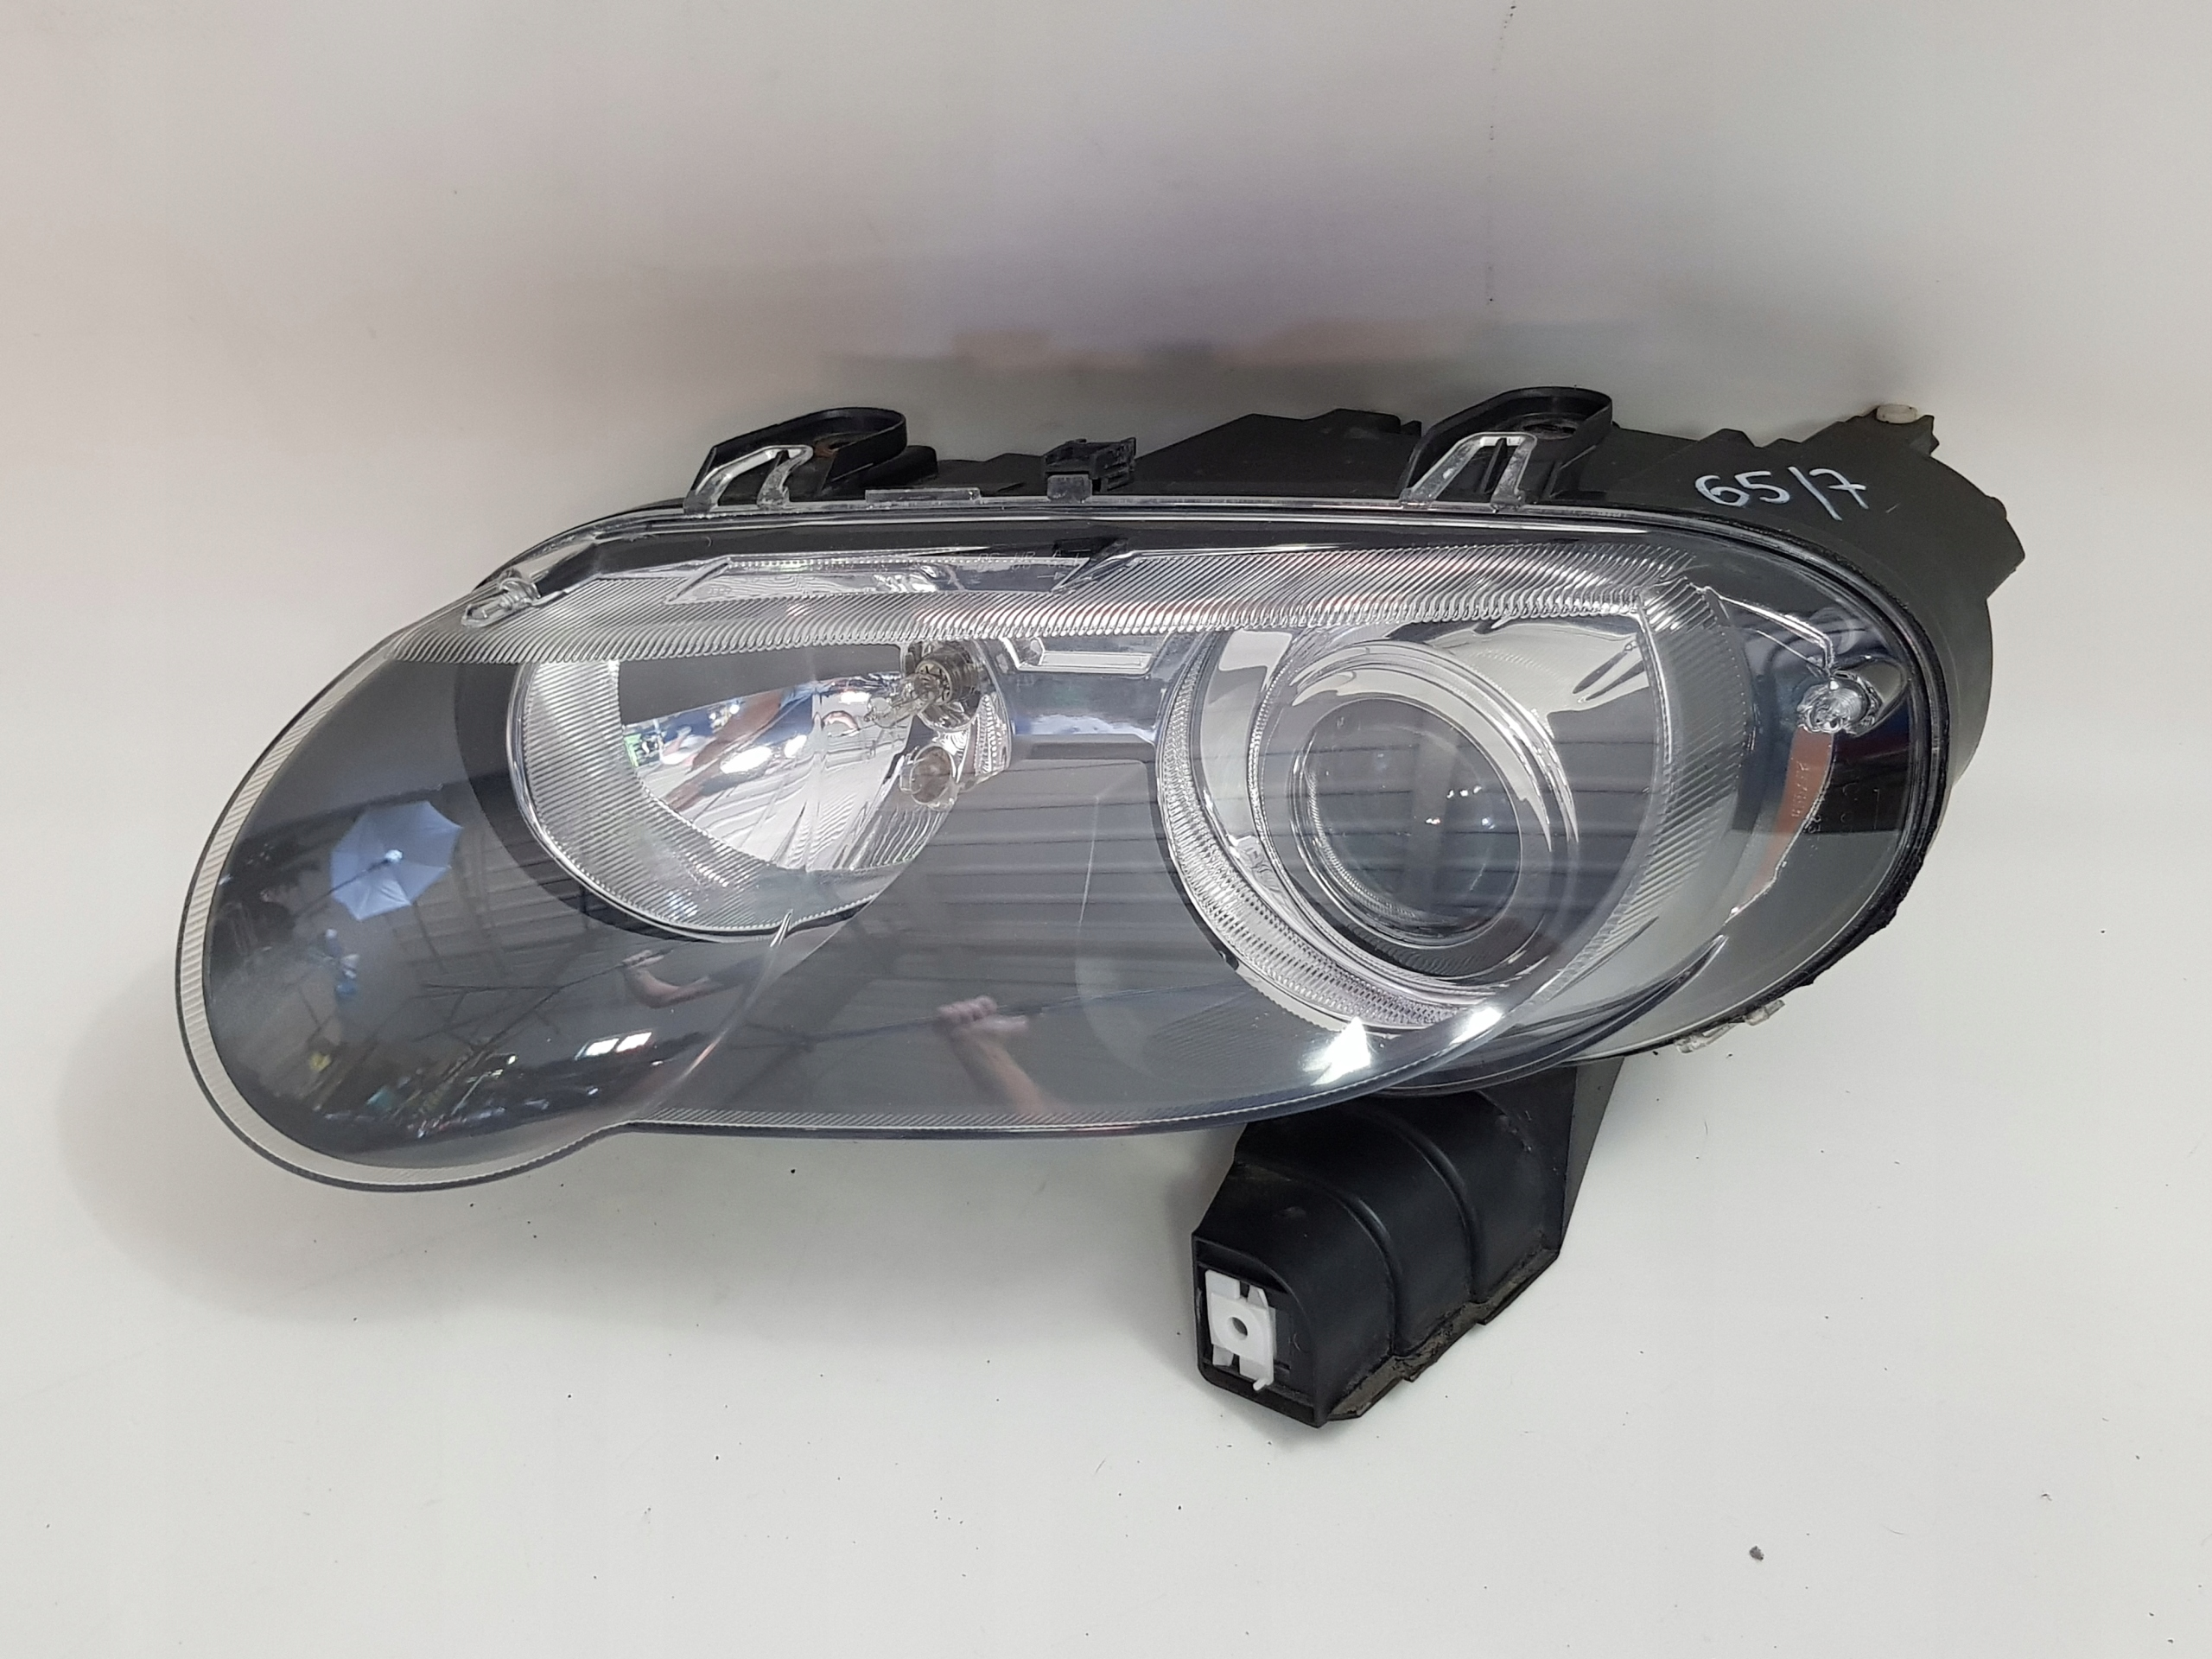 Rover 75 Lift 04 06 Przednia Lampa Lewa Komp Eu 7486352261